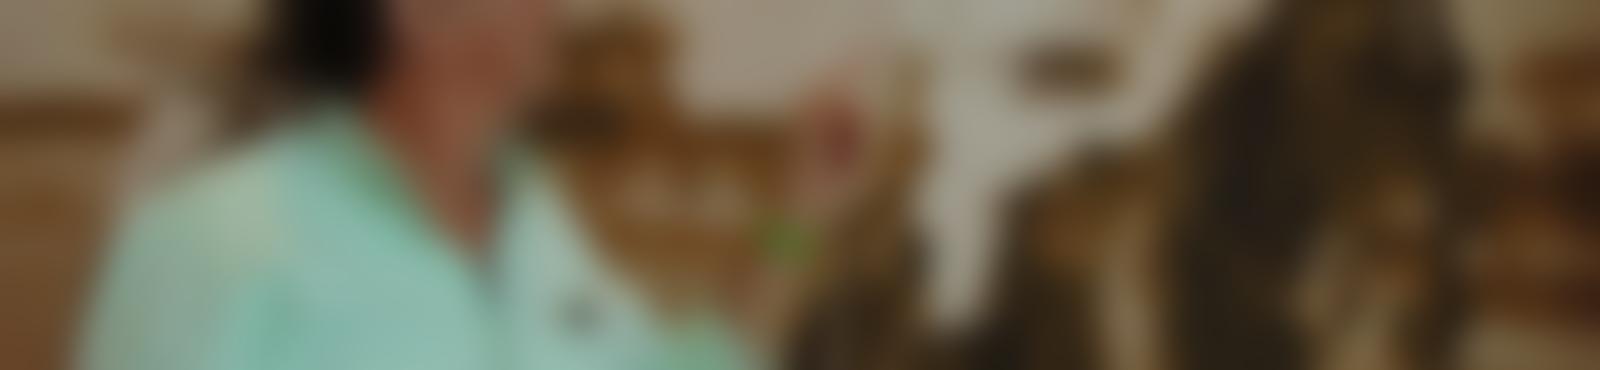 Blurred 69cdbbb0 adc3 420b 8558 349119b8b798